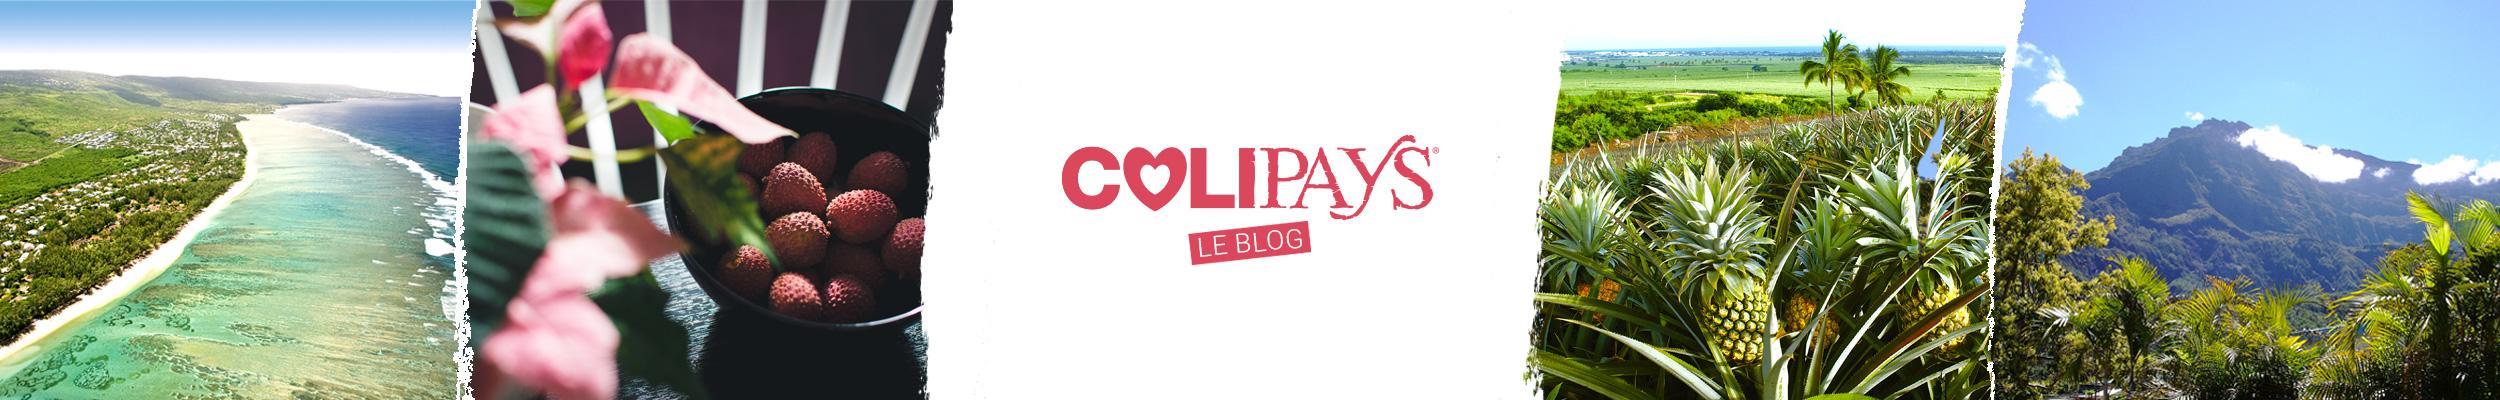 COLIPAYS – Le blog